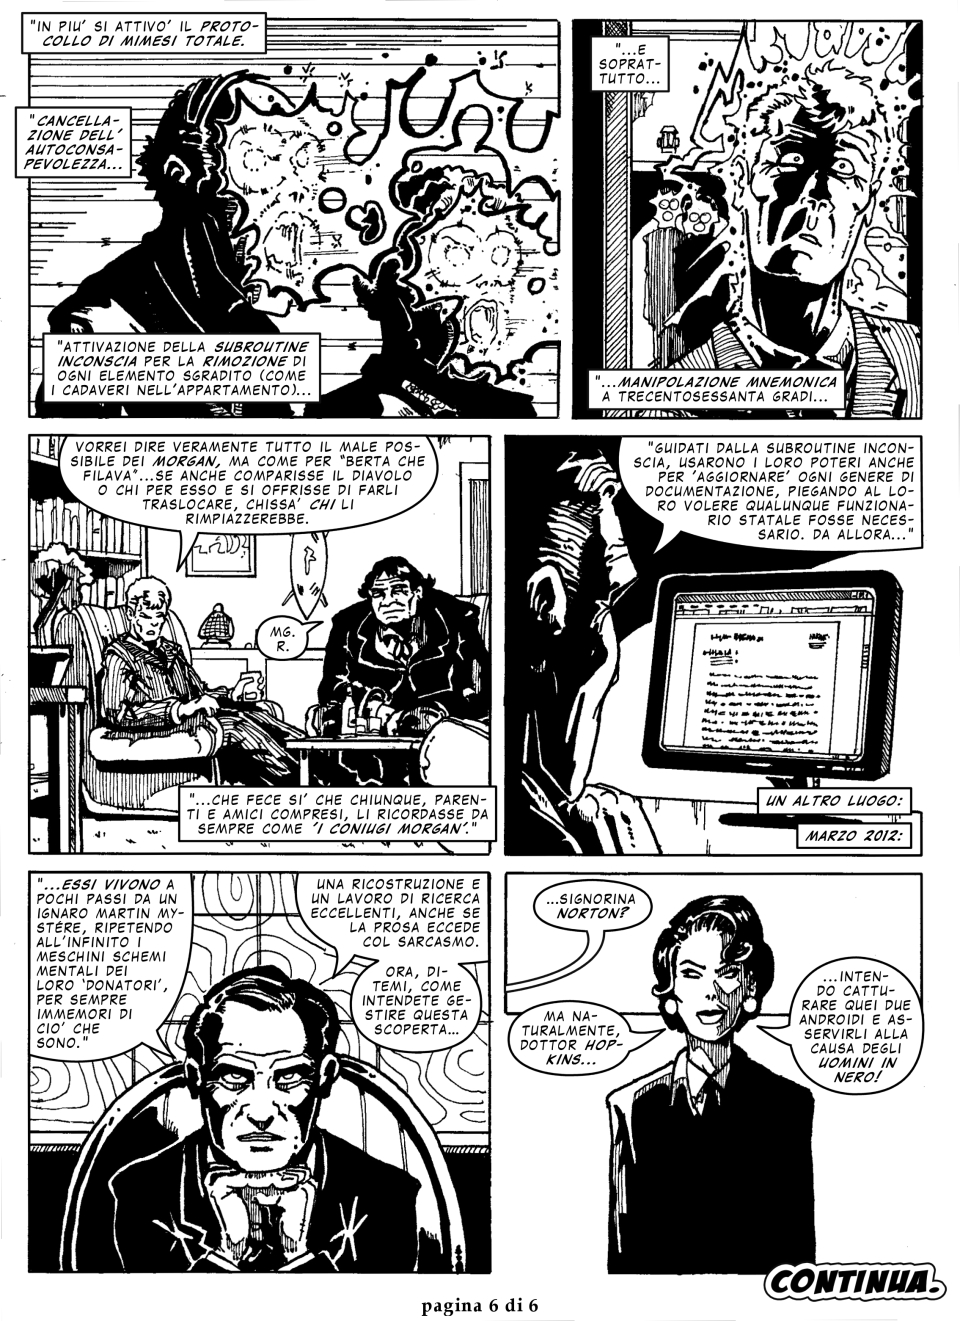 Get a Life 3 - pagina 6